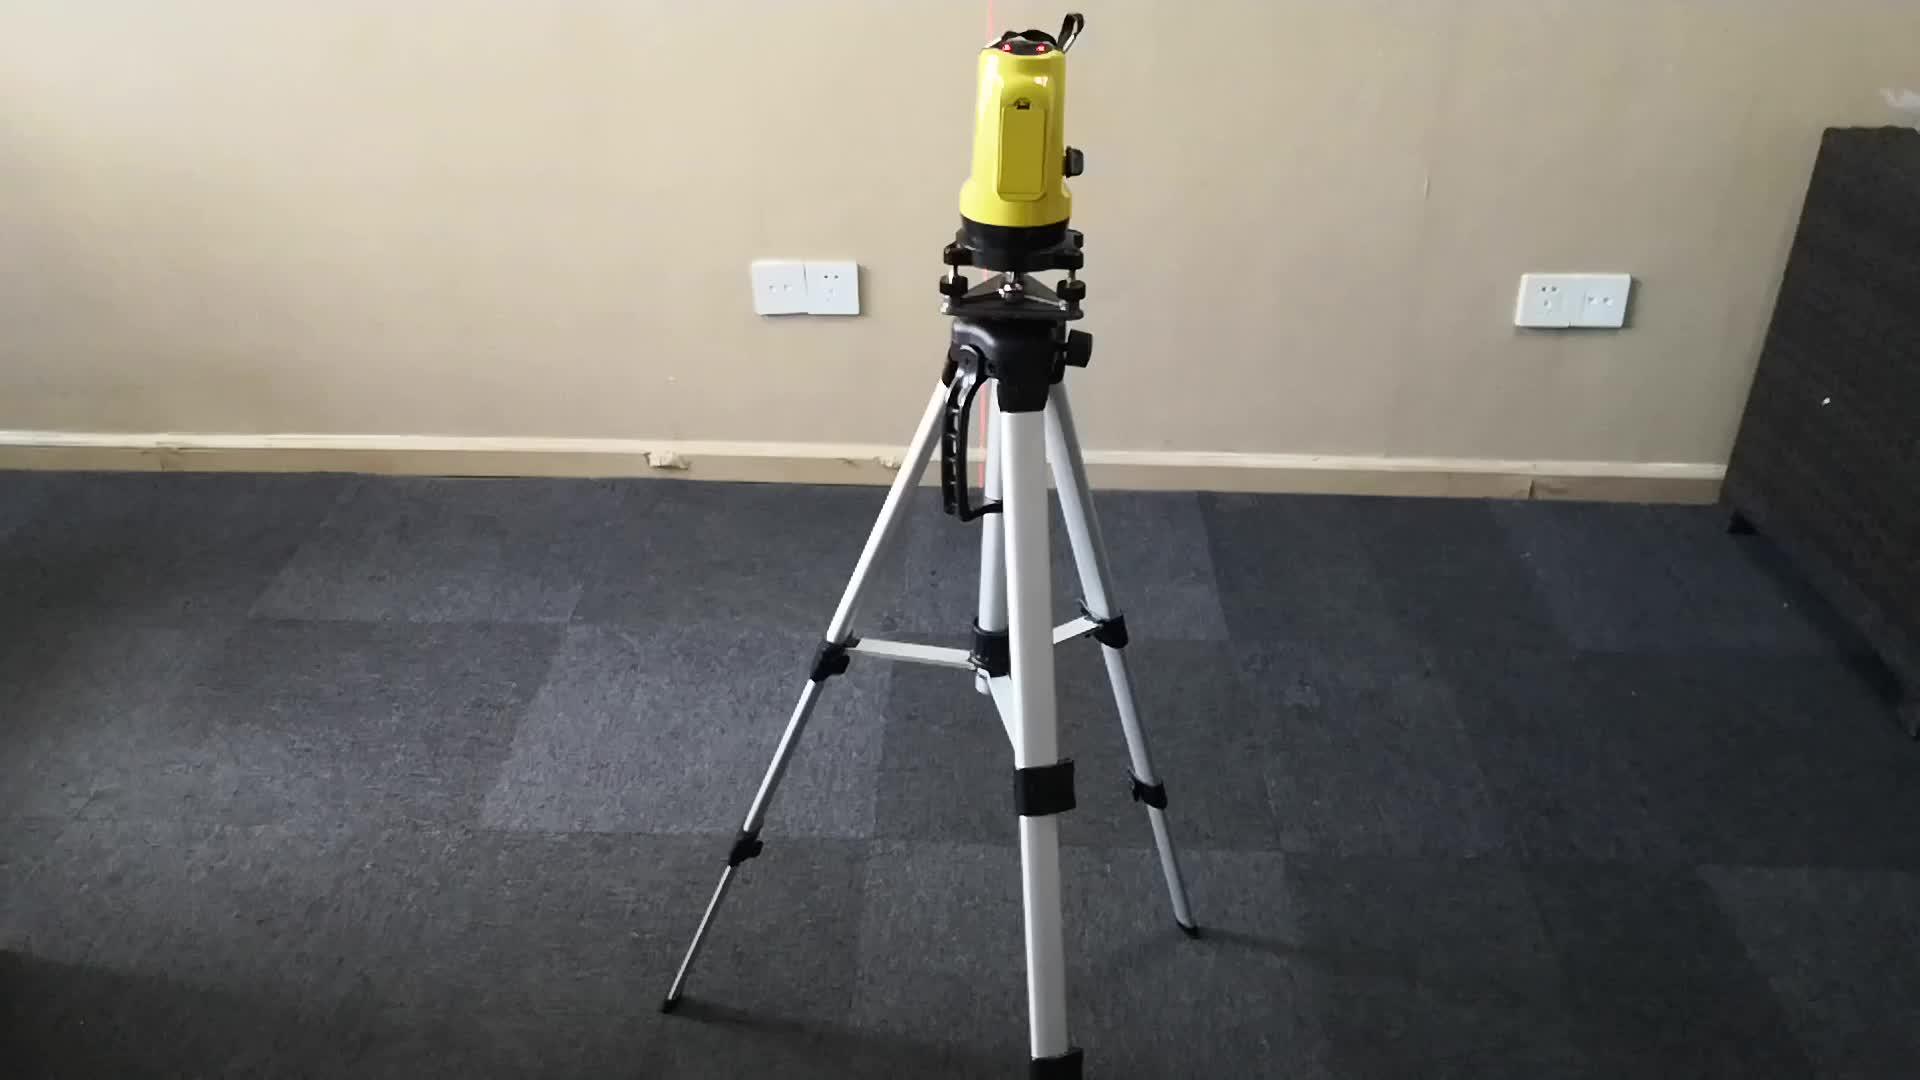 2-Line Professional self adjusting laser level, laser spirit level